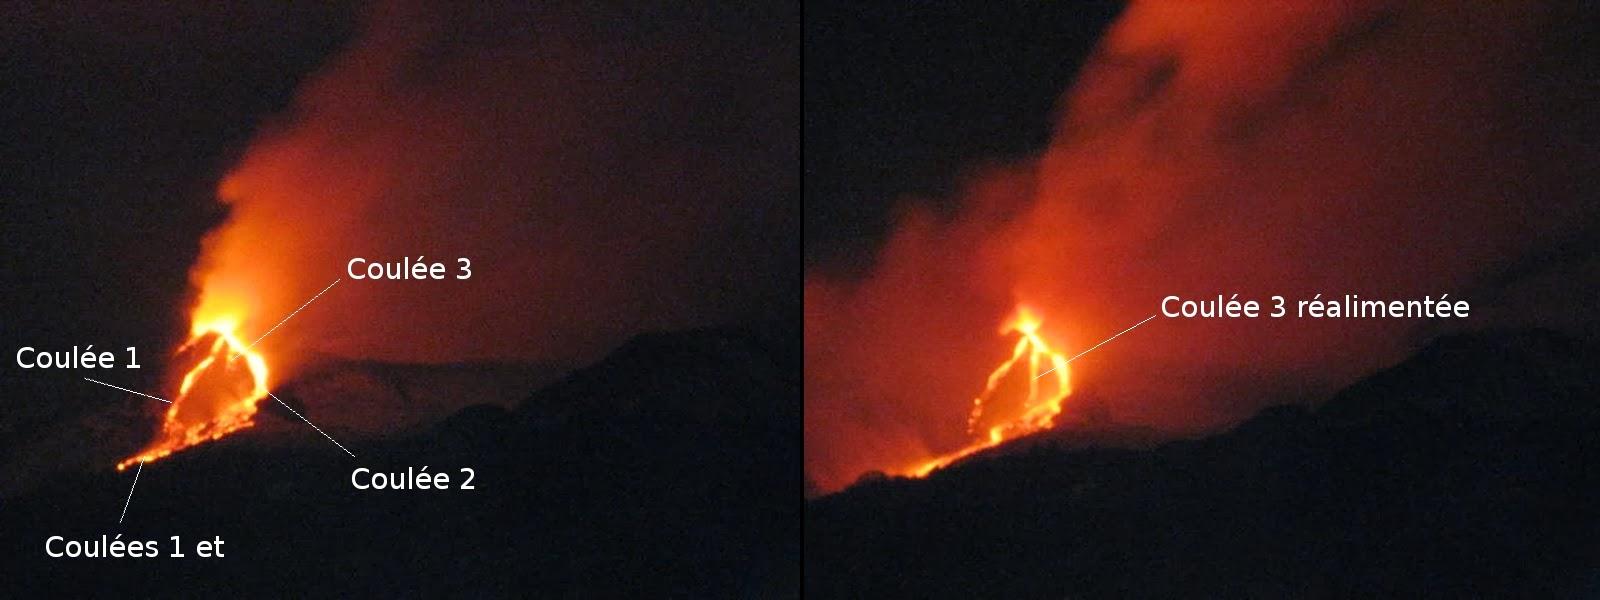 Coulées du 21eme paroxysme du volcan Etna, étape 4